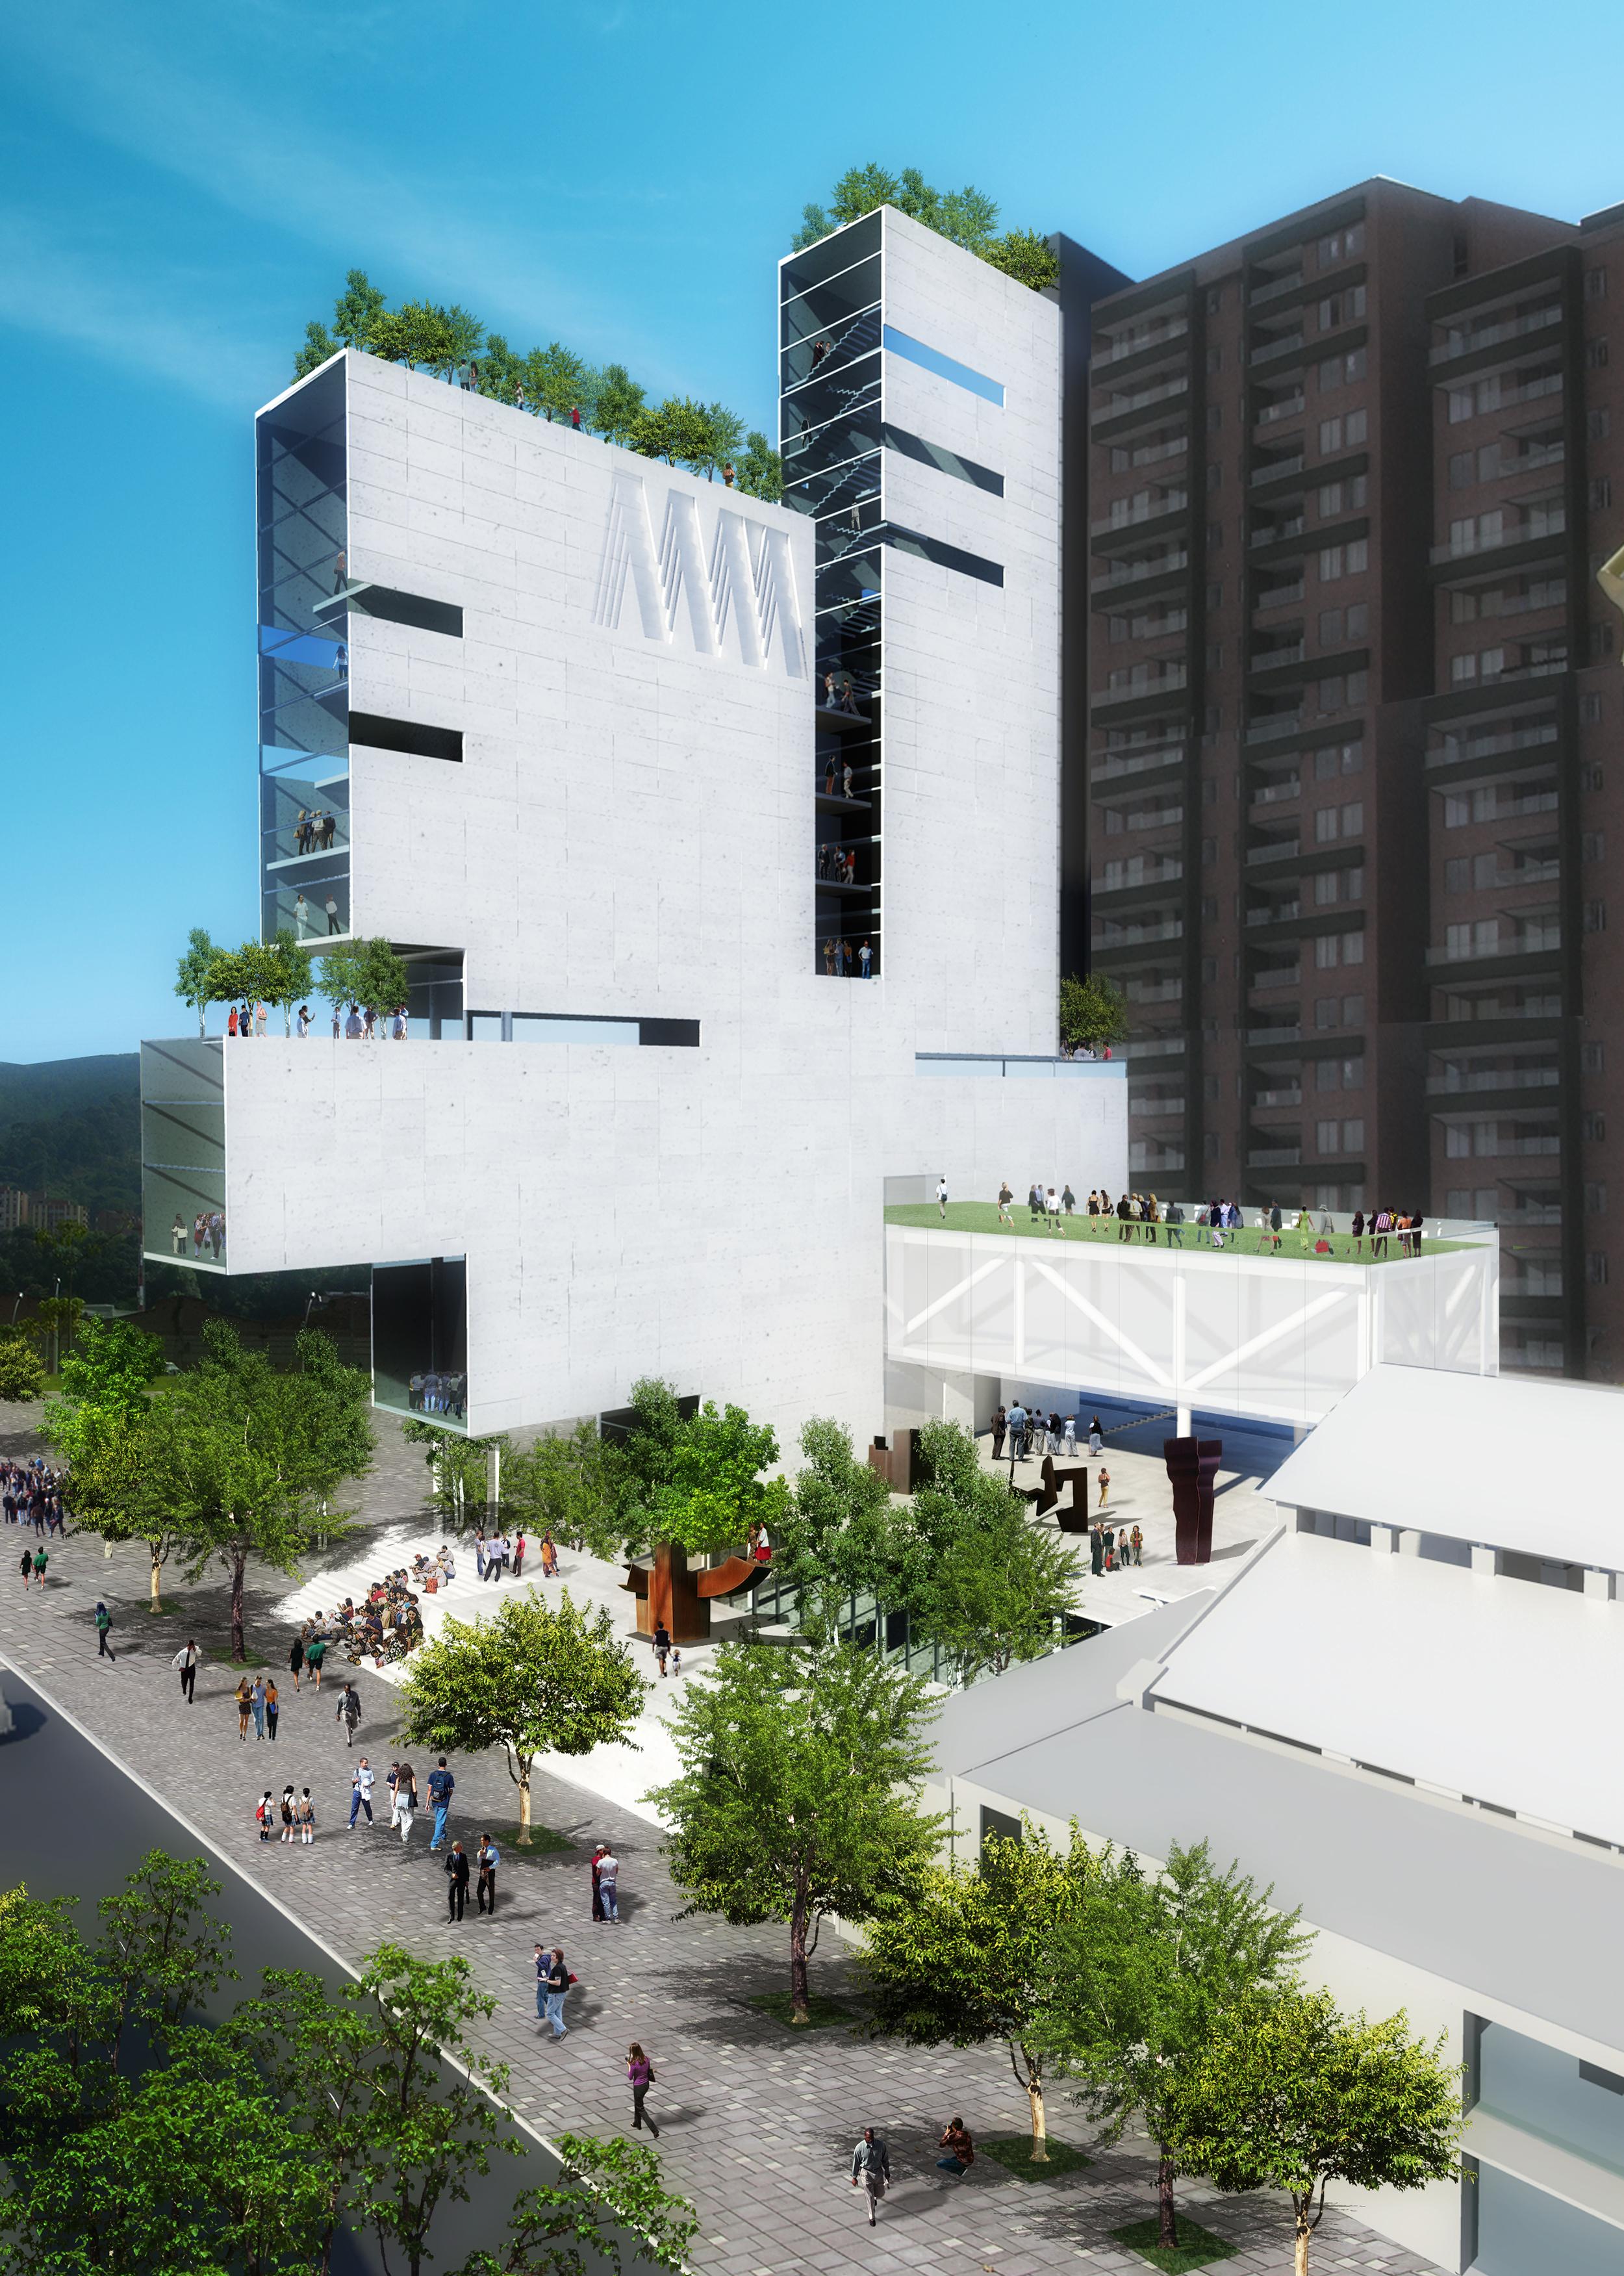 Museo de Arte Modeno de Medellín - Colombia